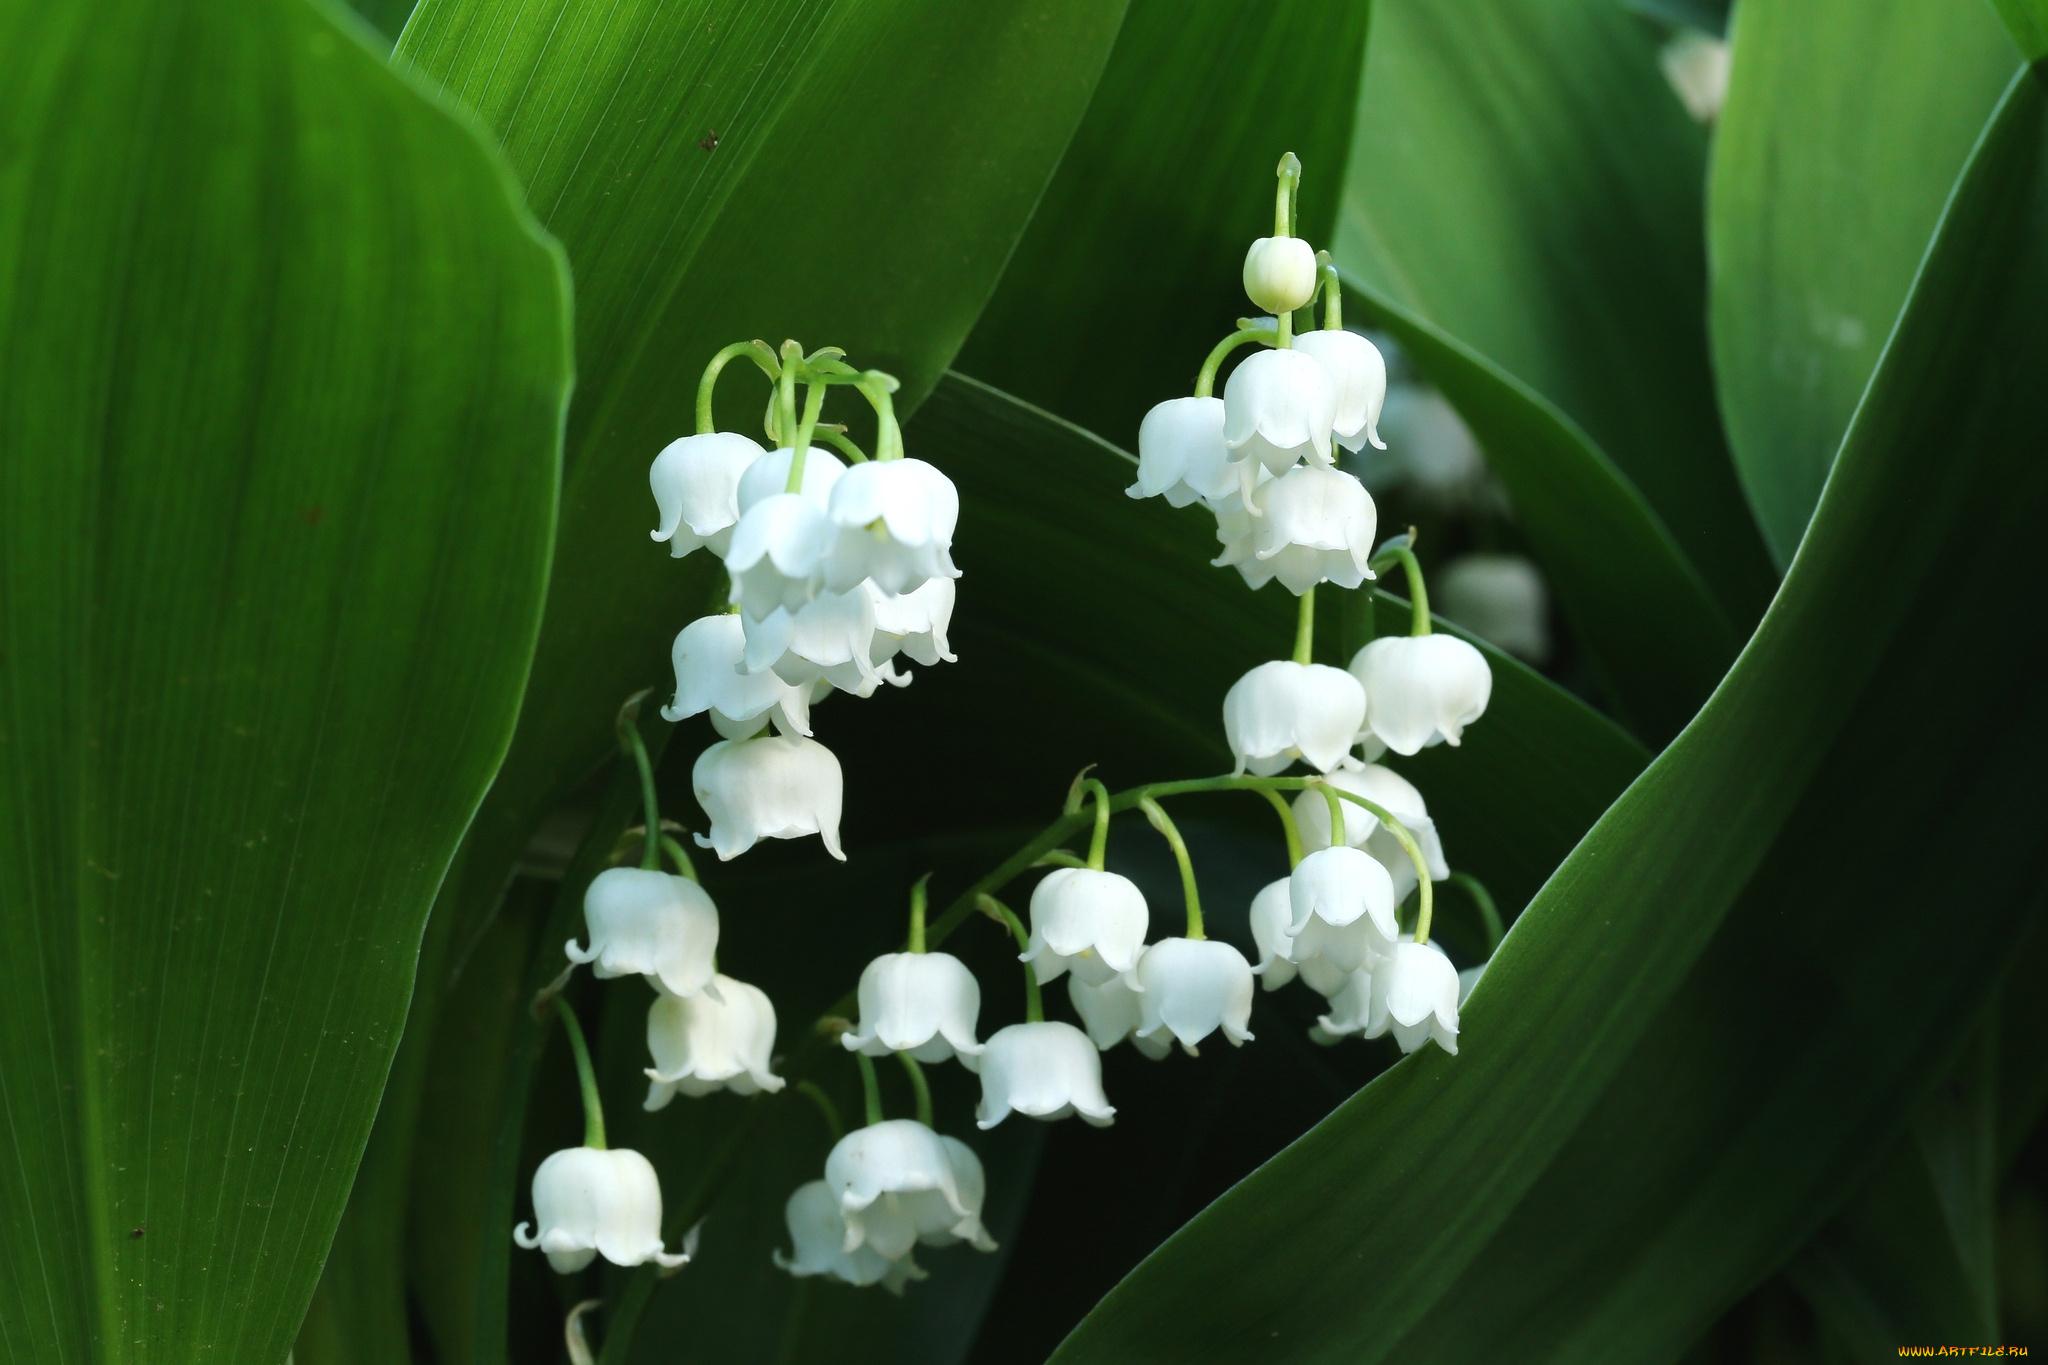 Цветы белые ландыши  № 1608795 загрузить